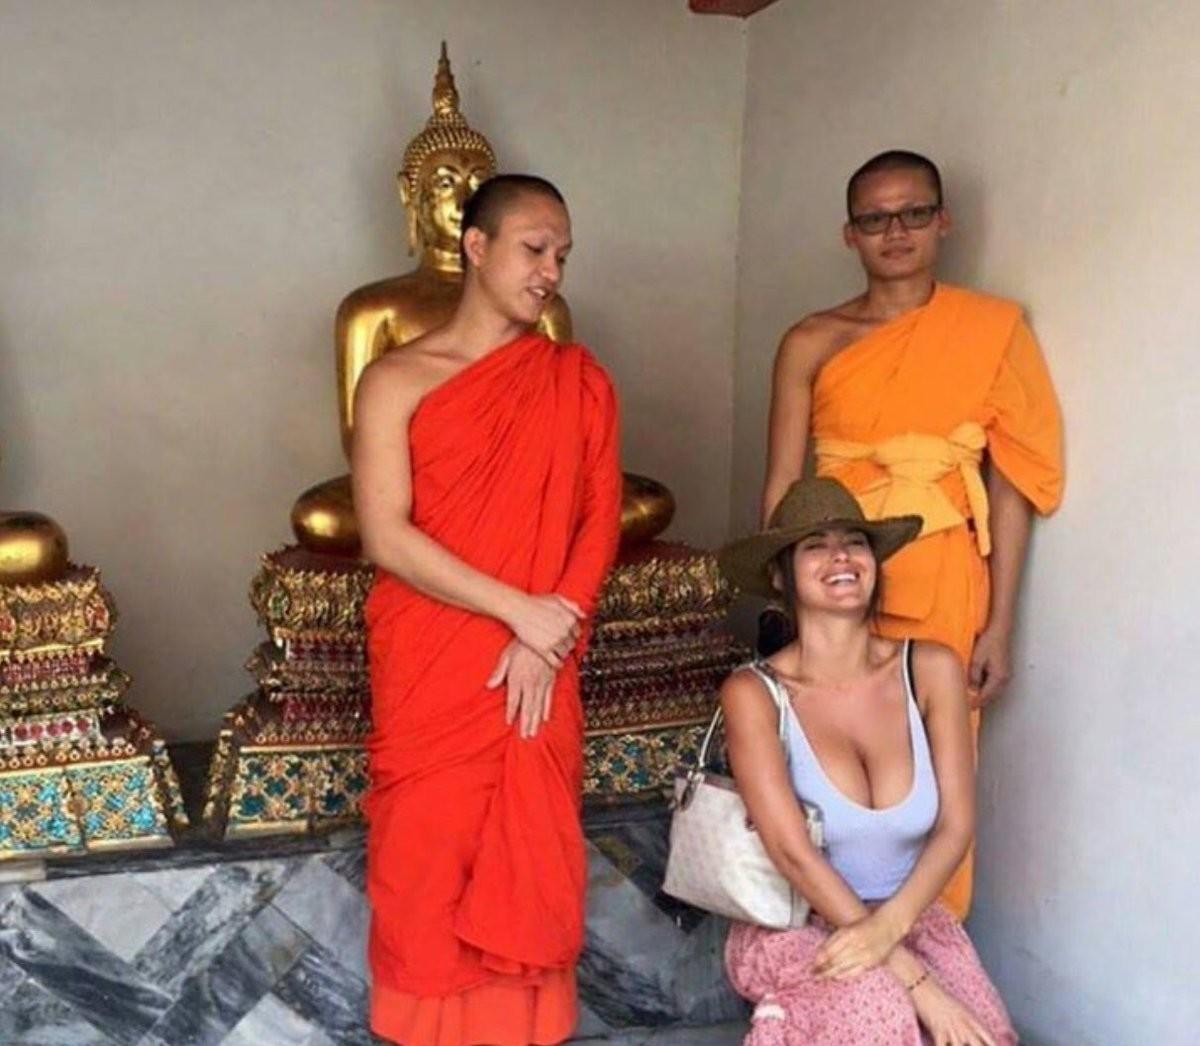 泰國和尚招待女觀光客,但拍完照後「秒毀10年修行」(圖/翻攝自網路)